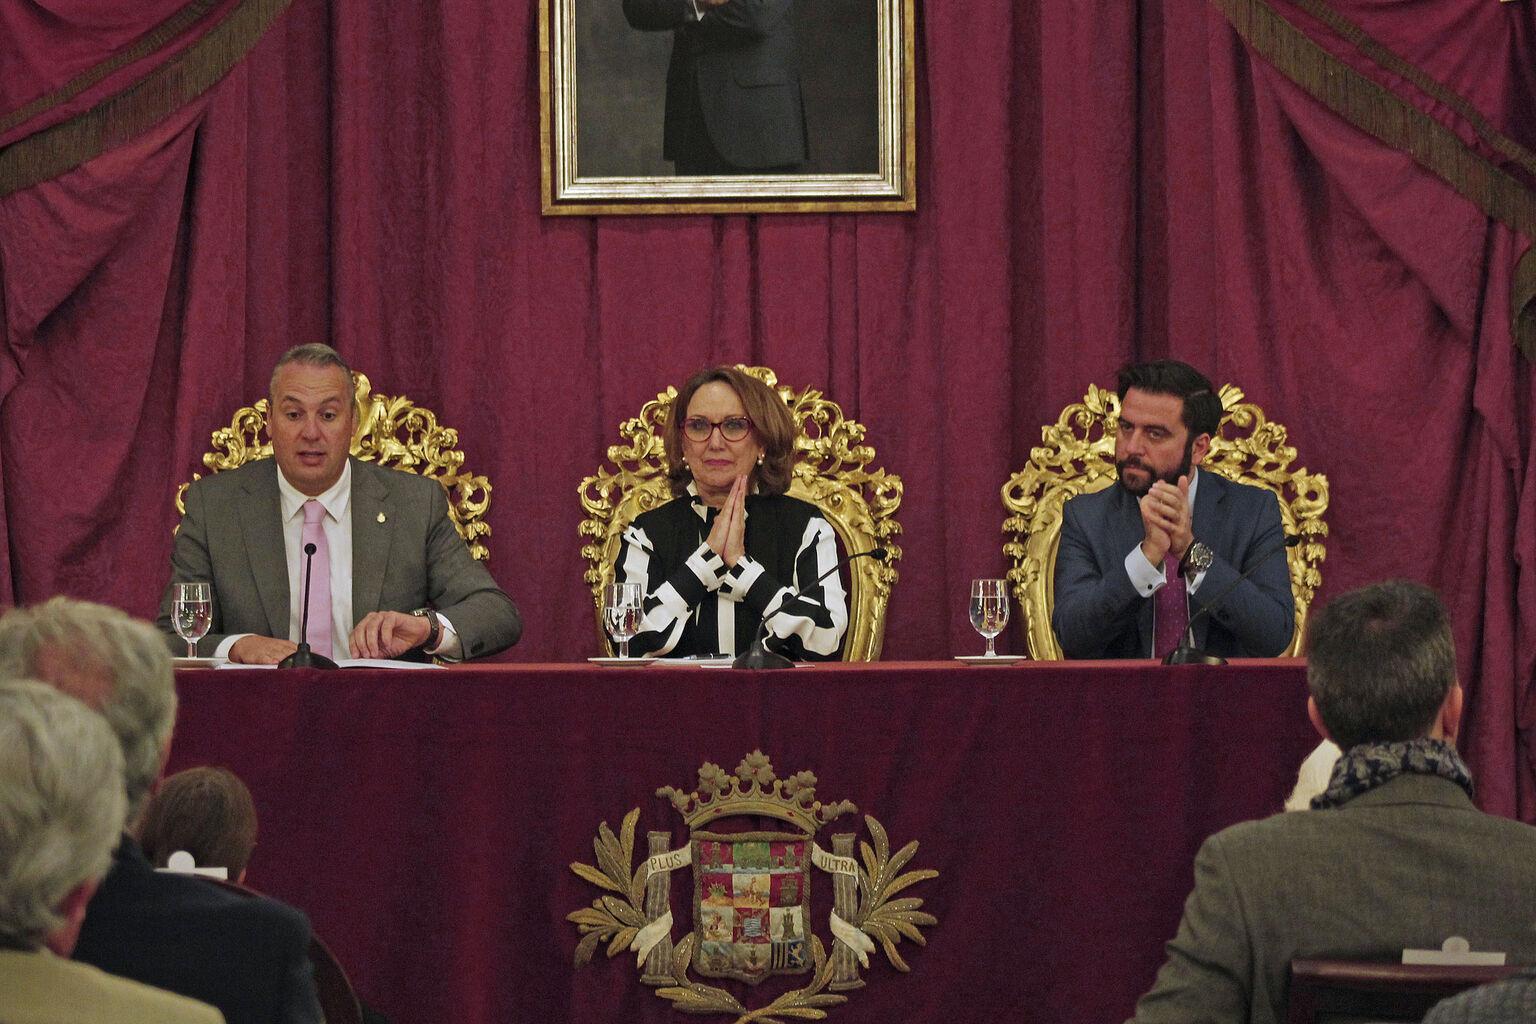 Rebeca Grynspan apuesta por el futuro de Cádiz y Latinoamérica